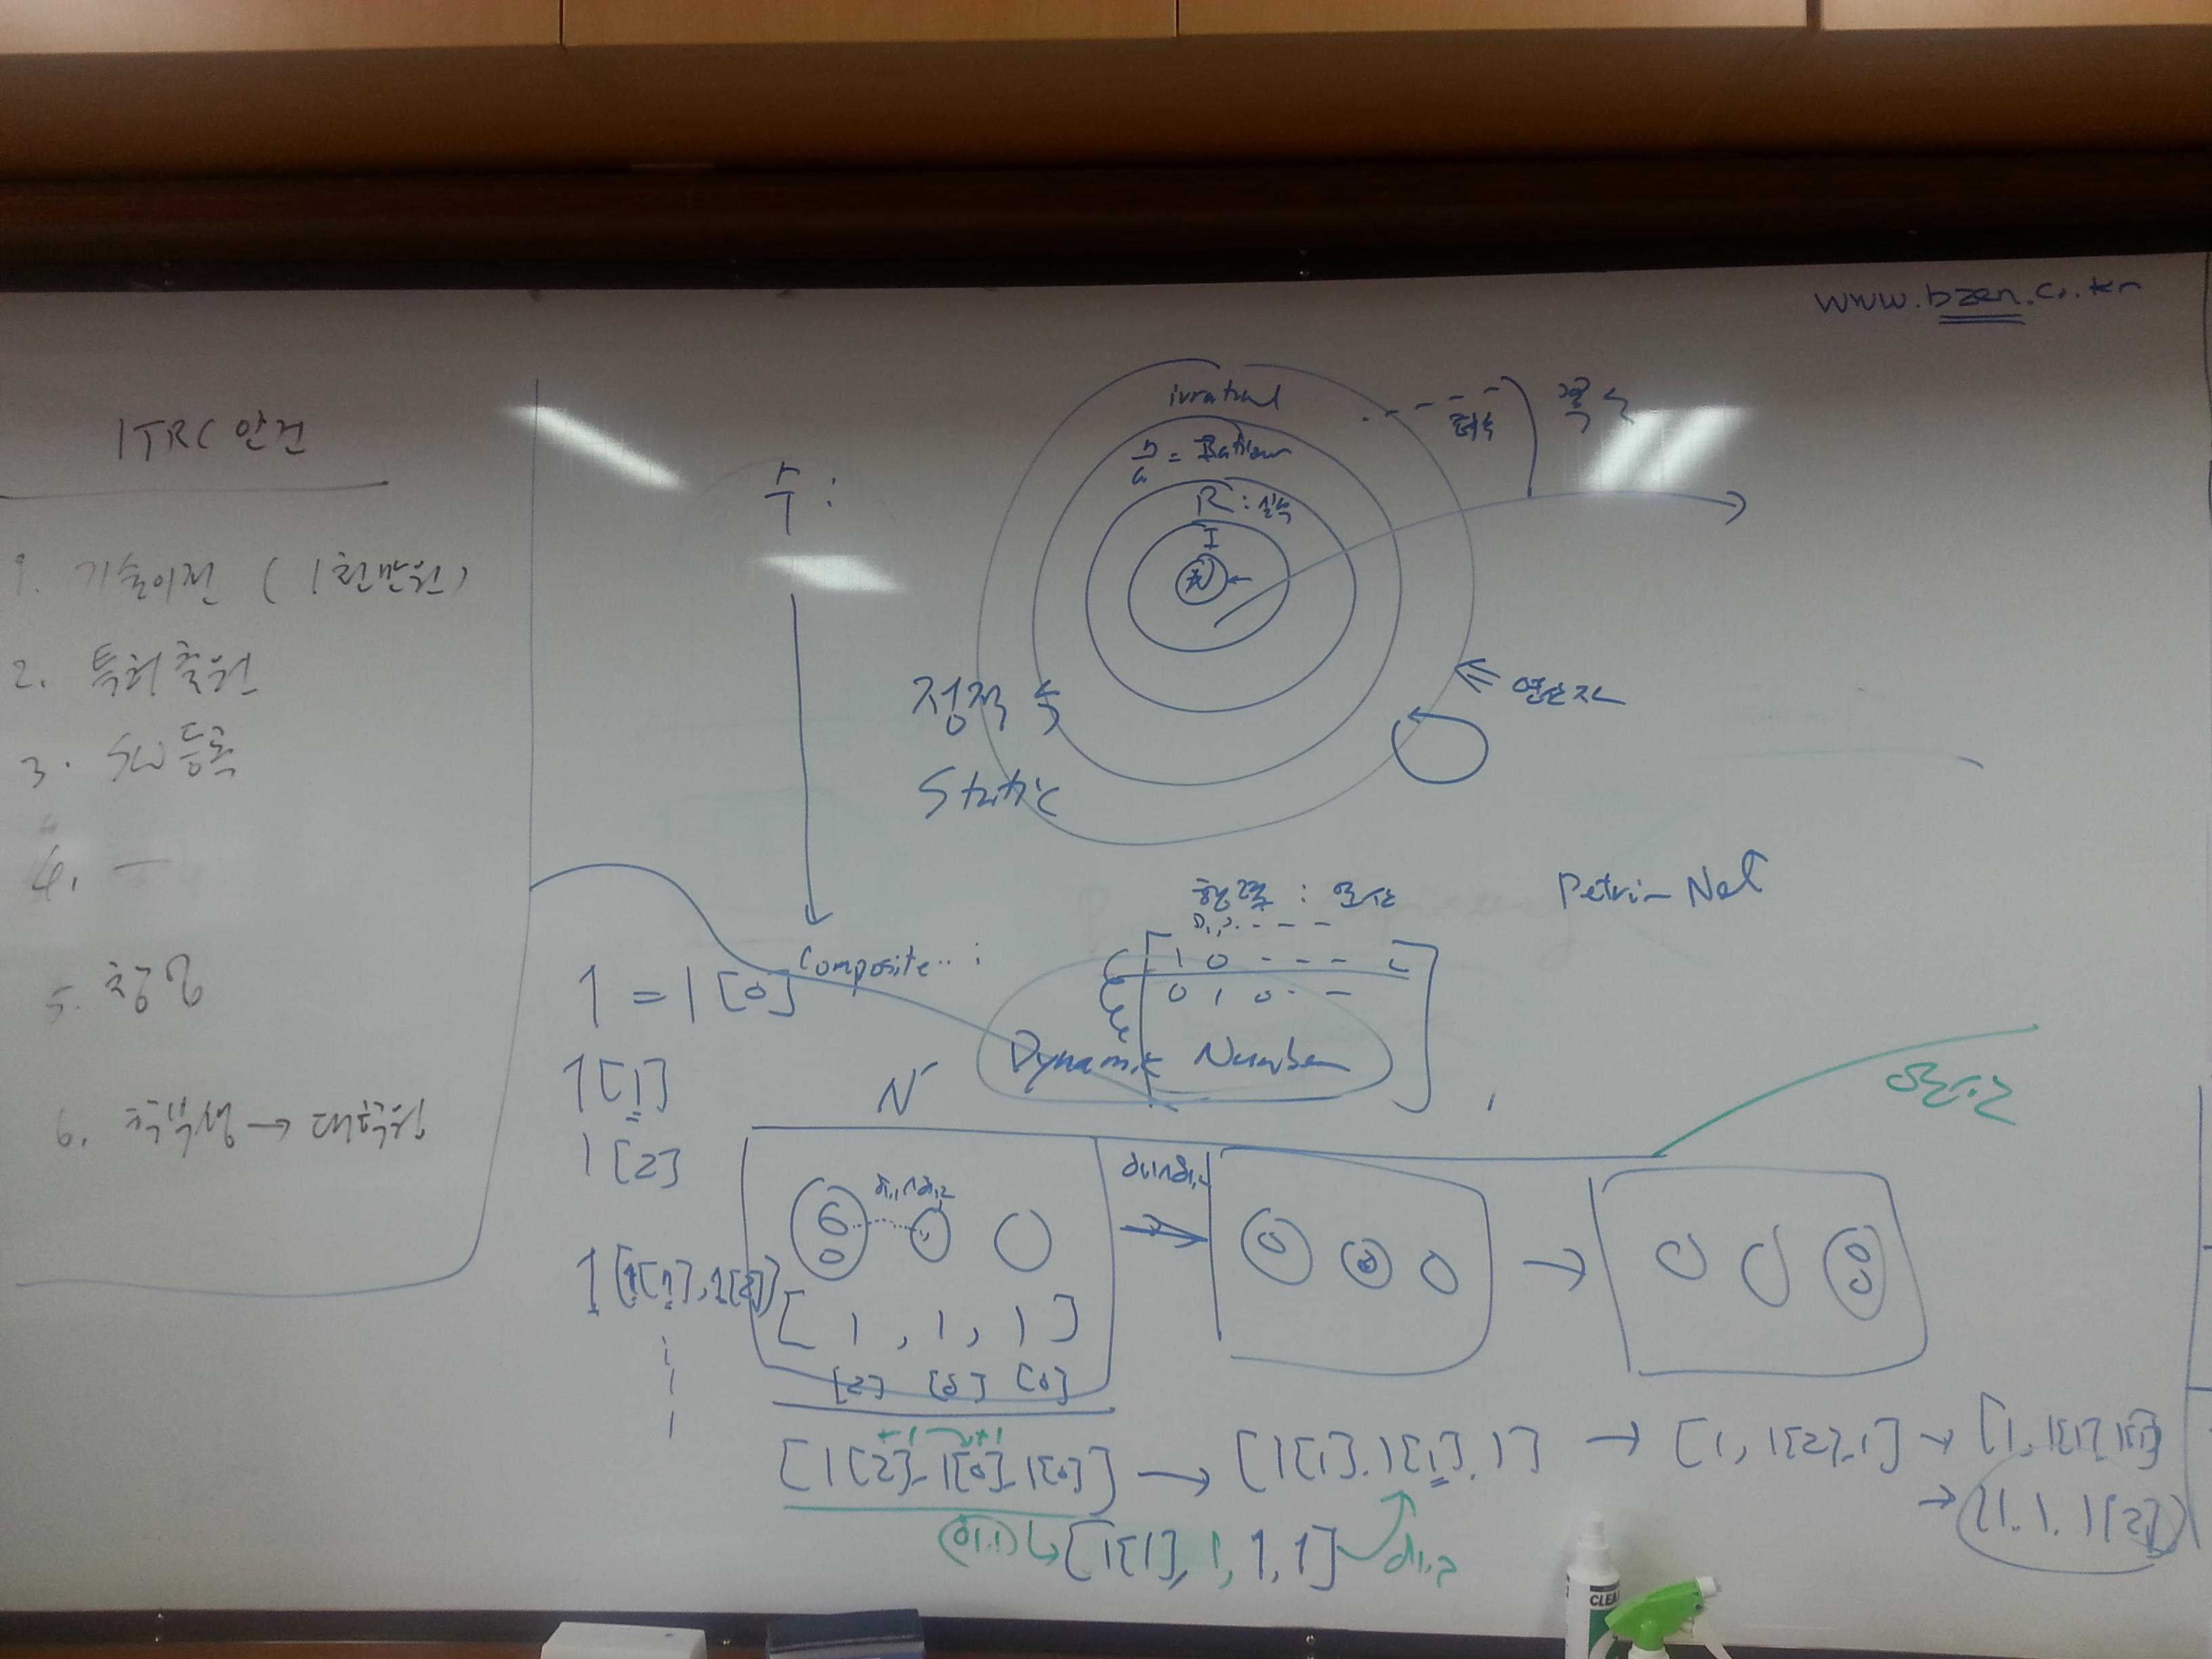 4-목-2015-11-19-board.jpg